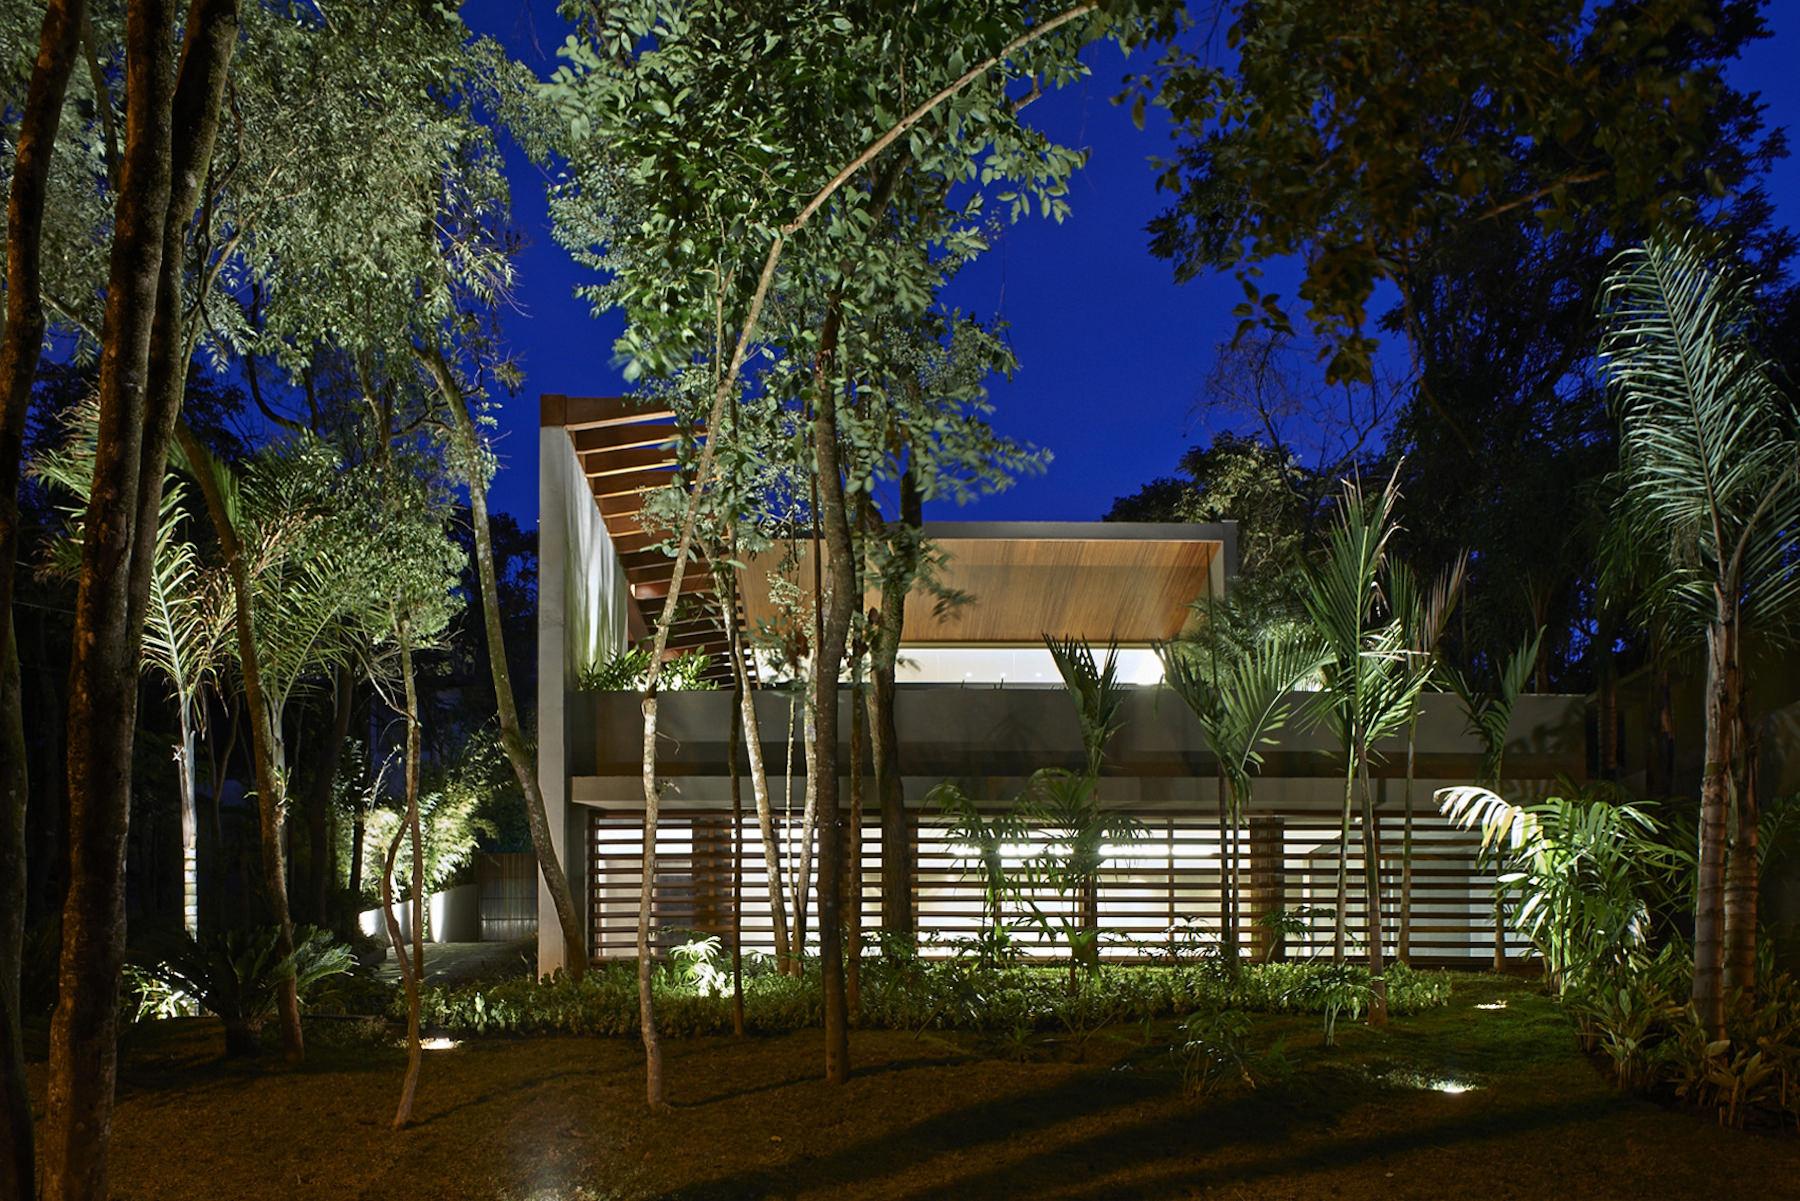 52a3e039e8e44e90be00011c_bosque-da-ribeira-anastasia-arquitetos__dsc7449